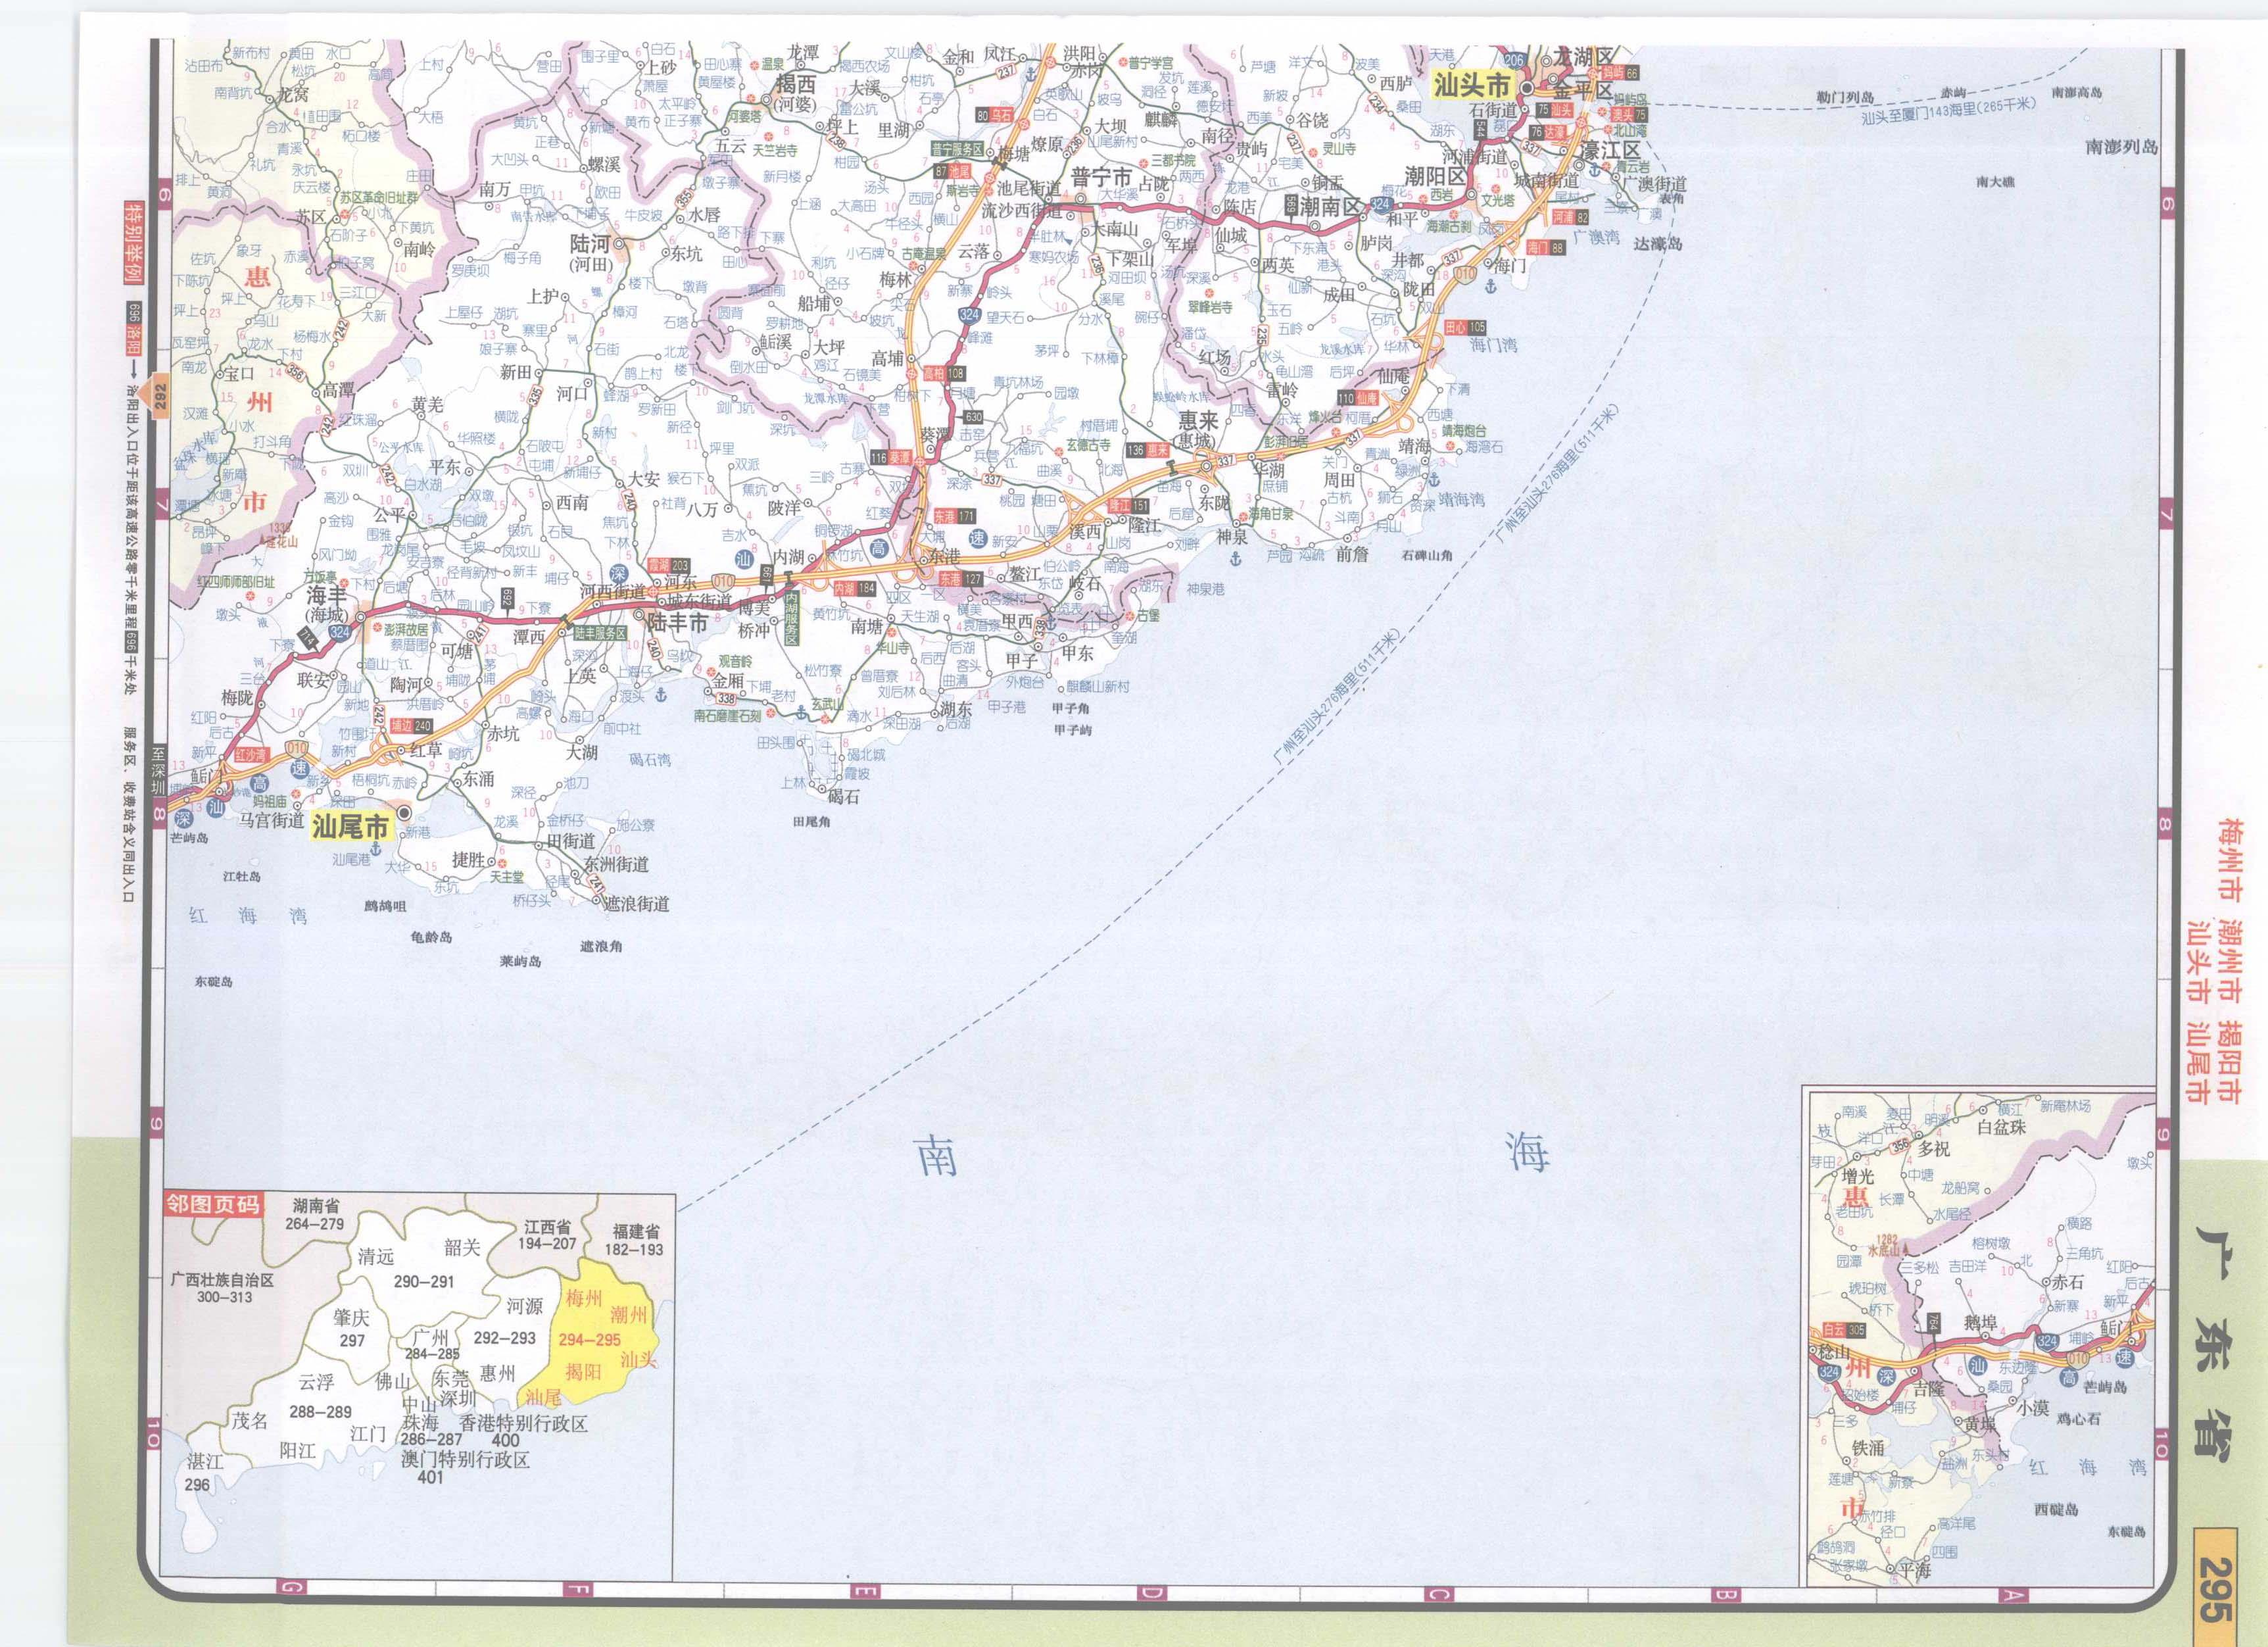 广东省梅州潮州揭阳汕头汕尾高速公路网地图